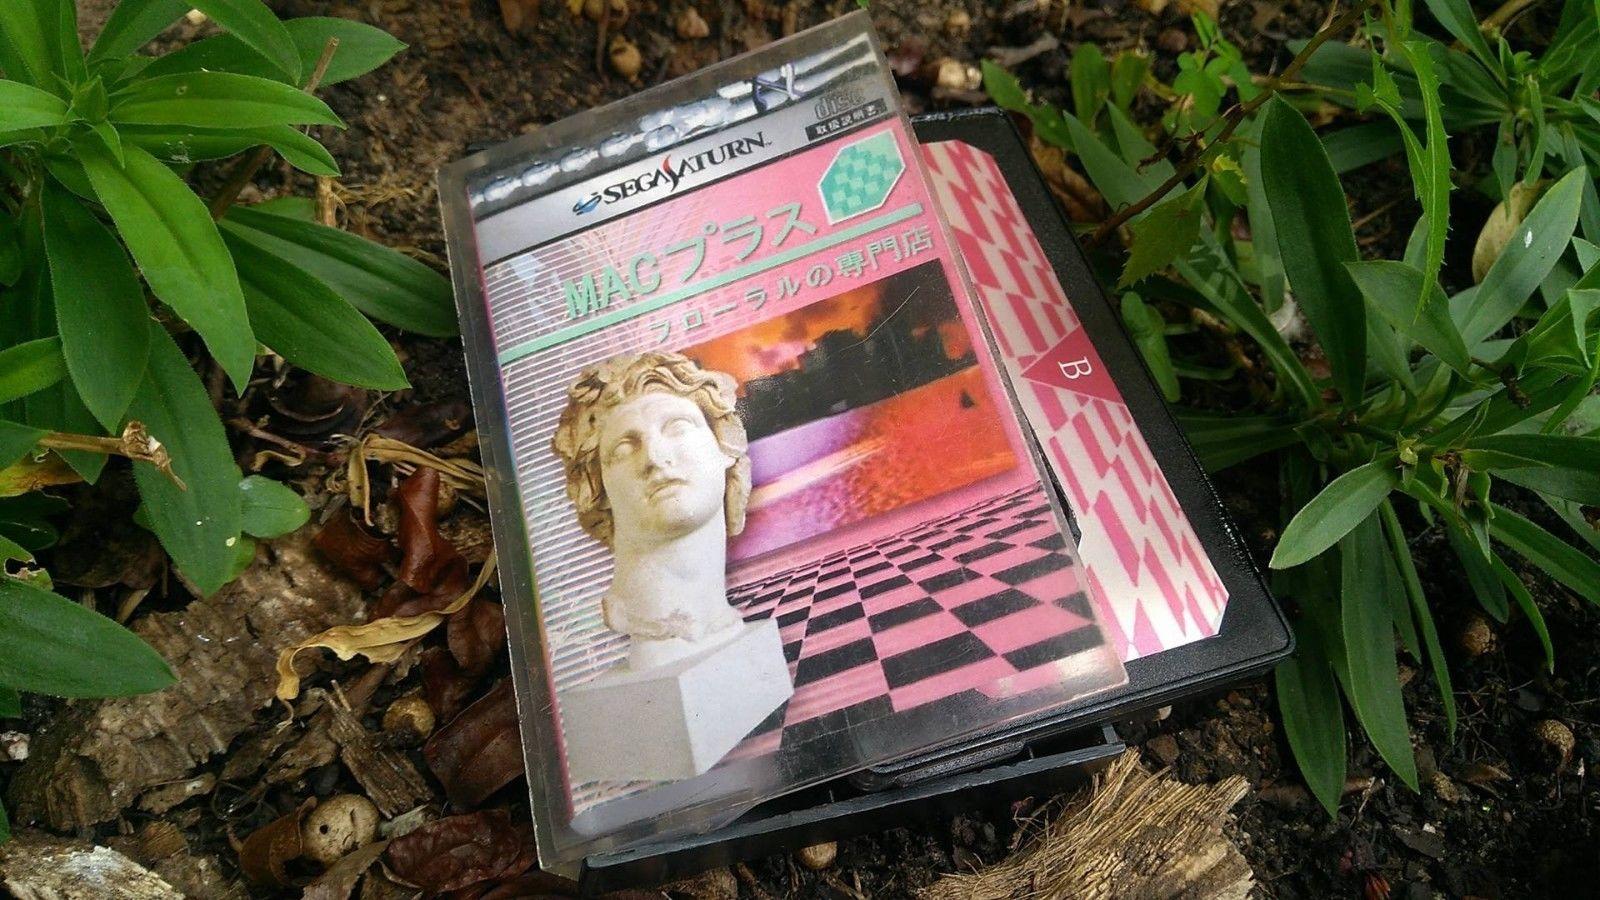 Macintosh plus floral shoppe cassette